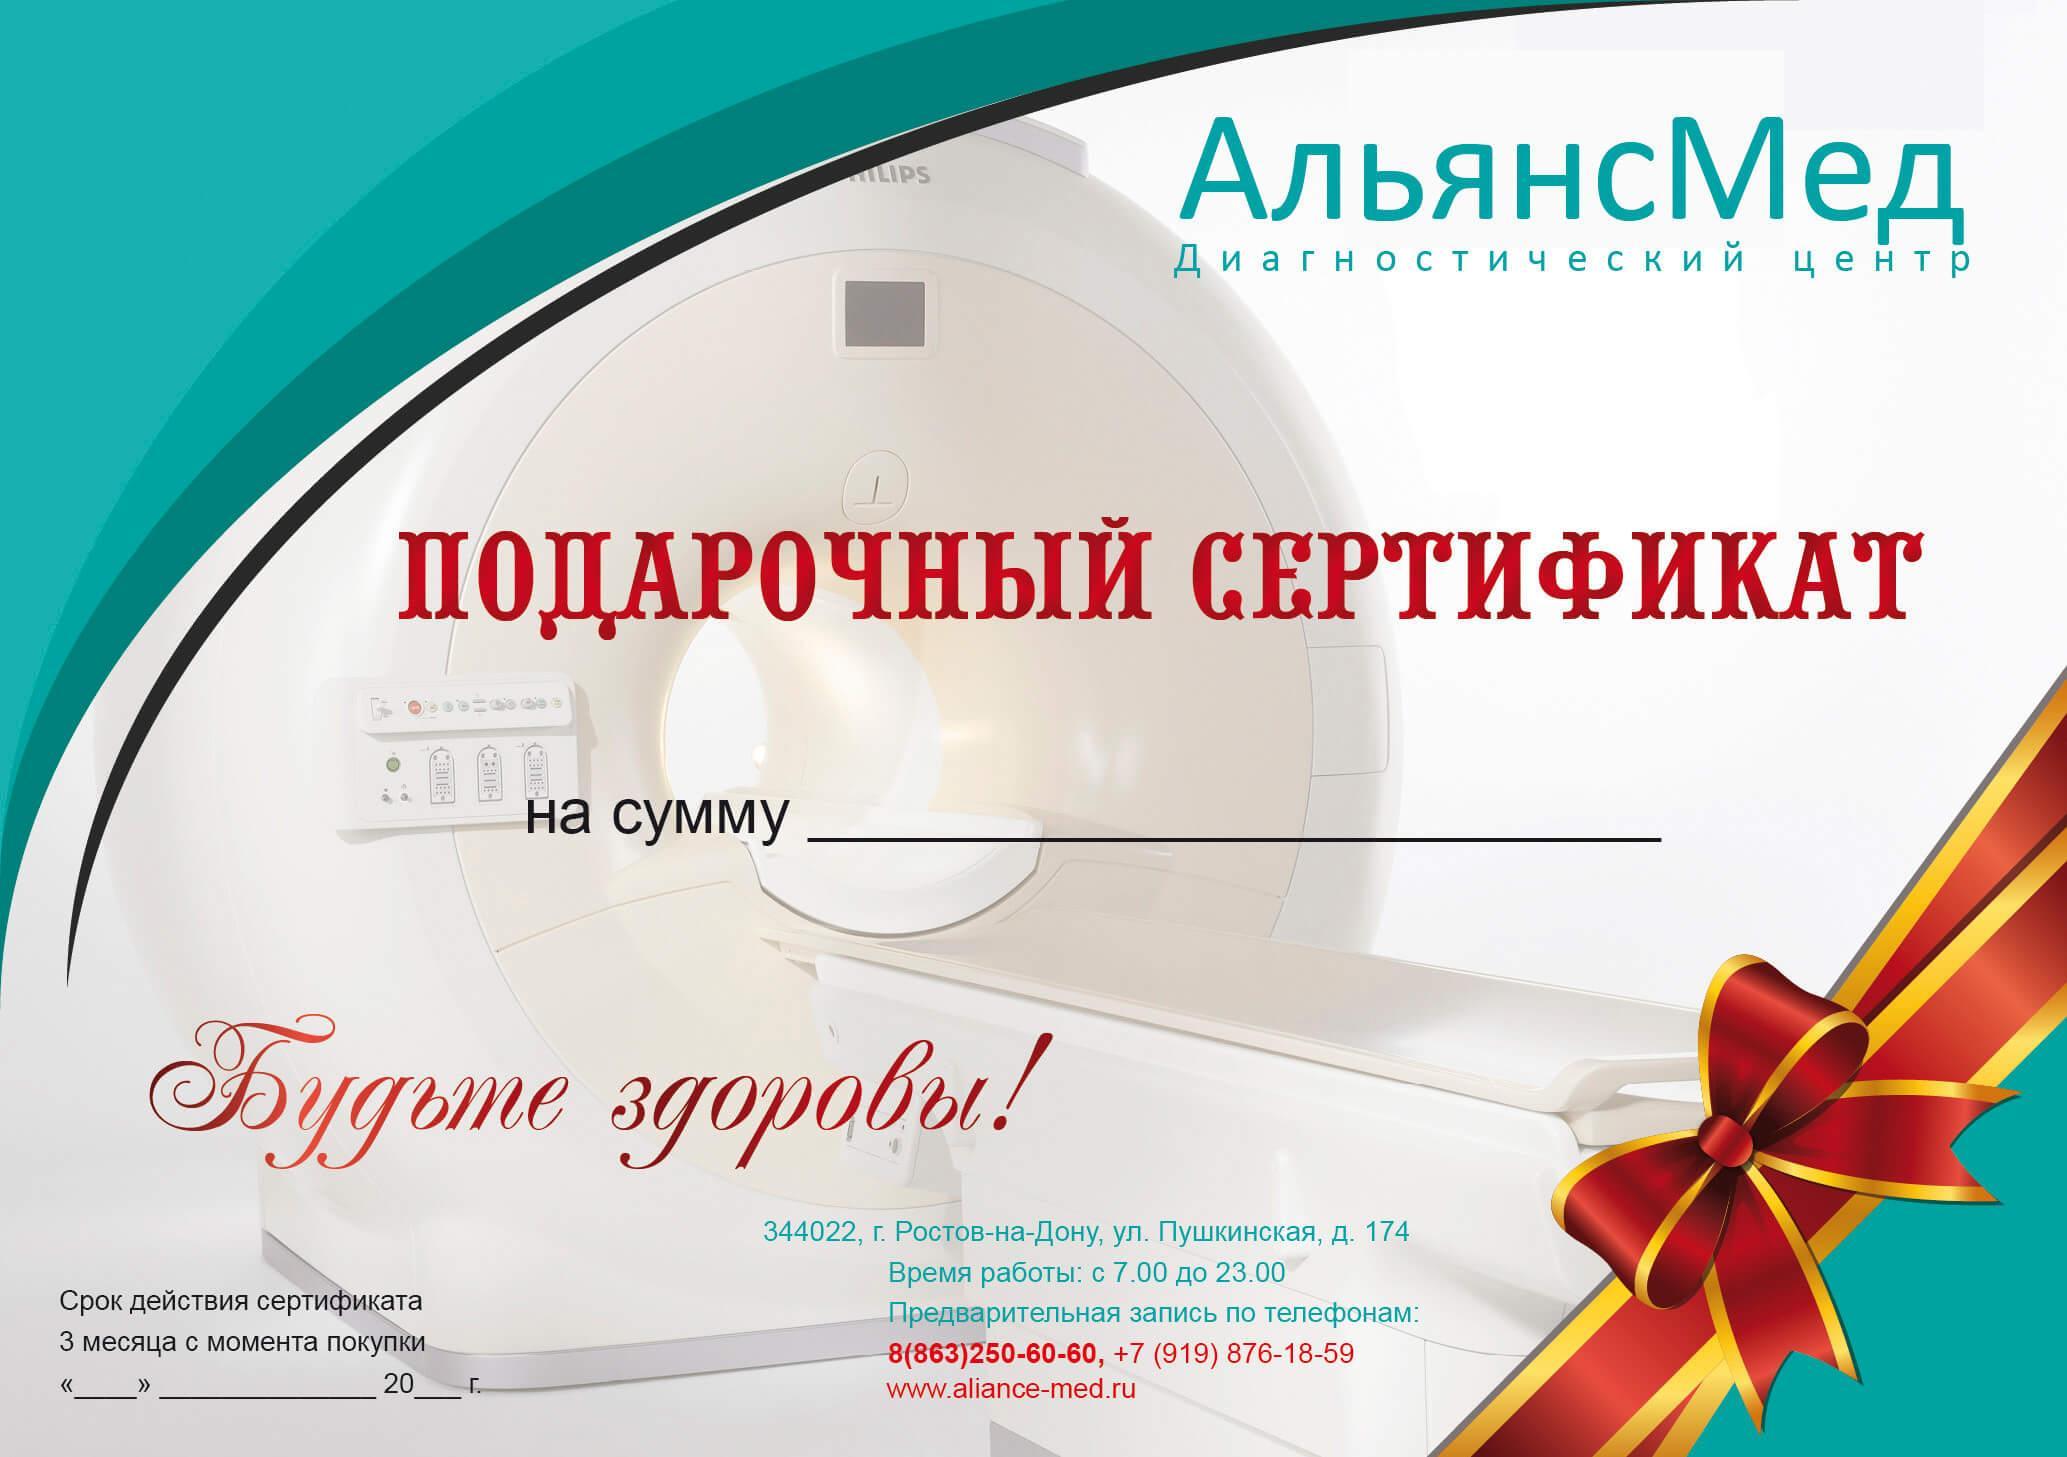 podarochniy sertifikat diagnosticheskiy centr